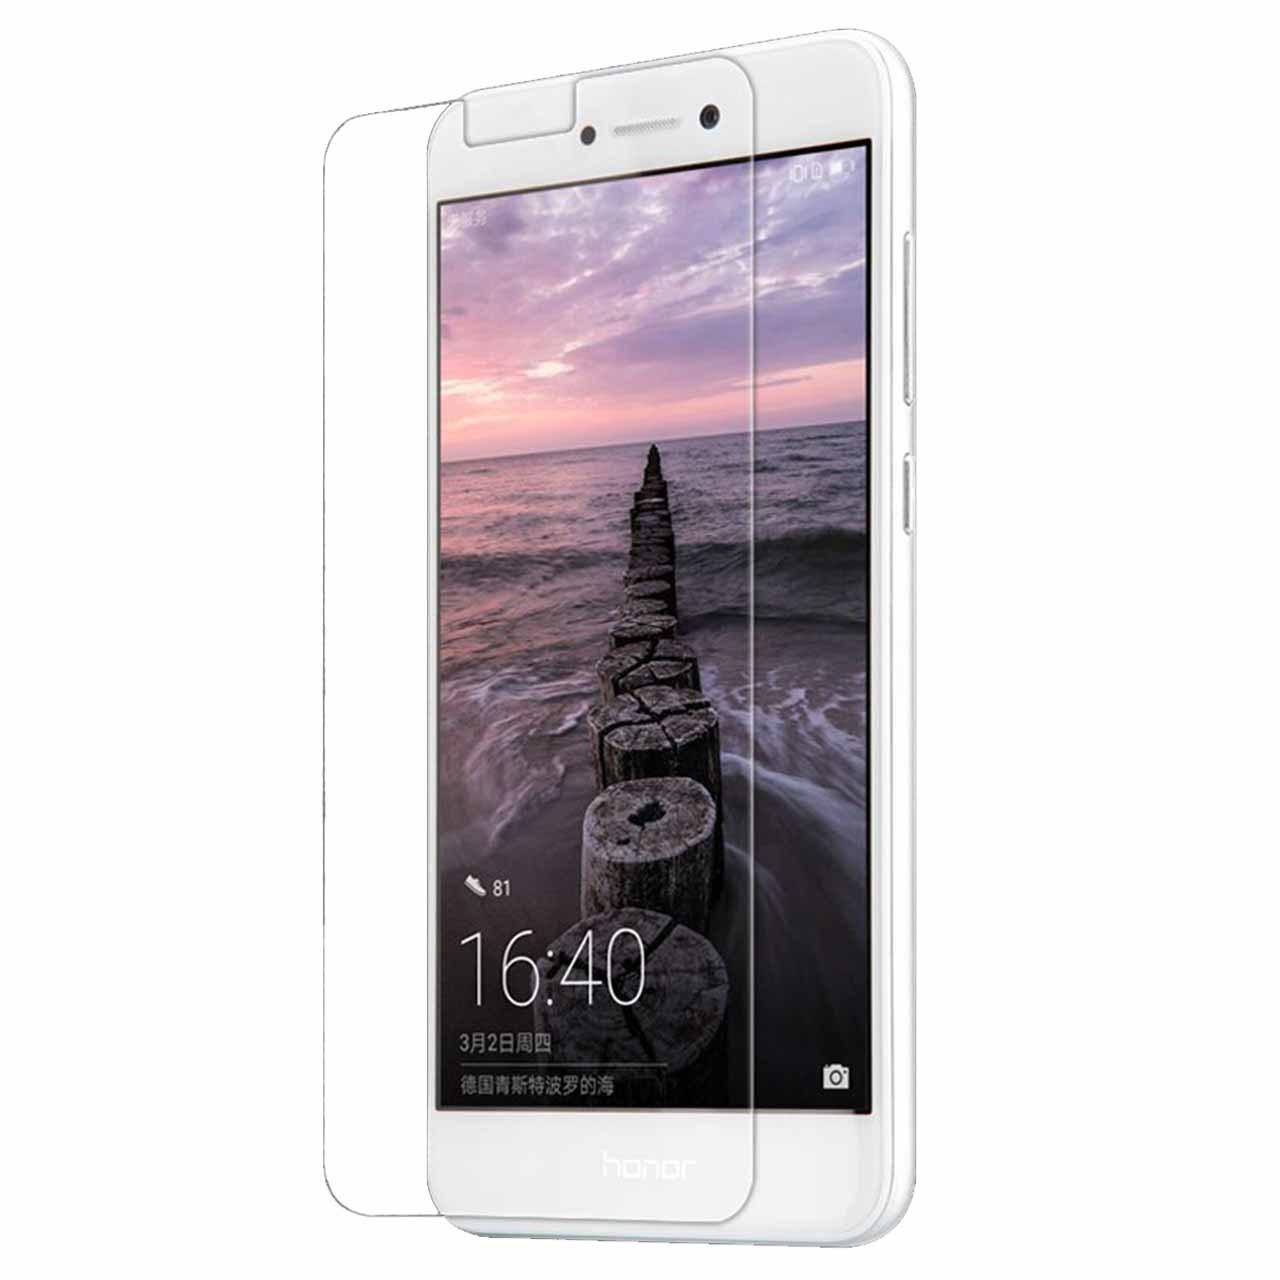 محافظ صفحه نمایش شیشه ای 9 اچ مناسب برای گوشی هوآوی Honor 8 Lite